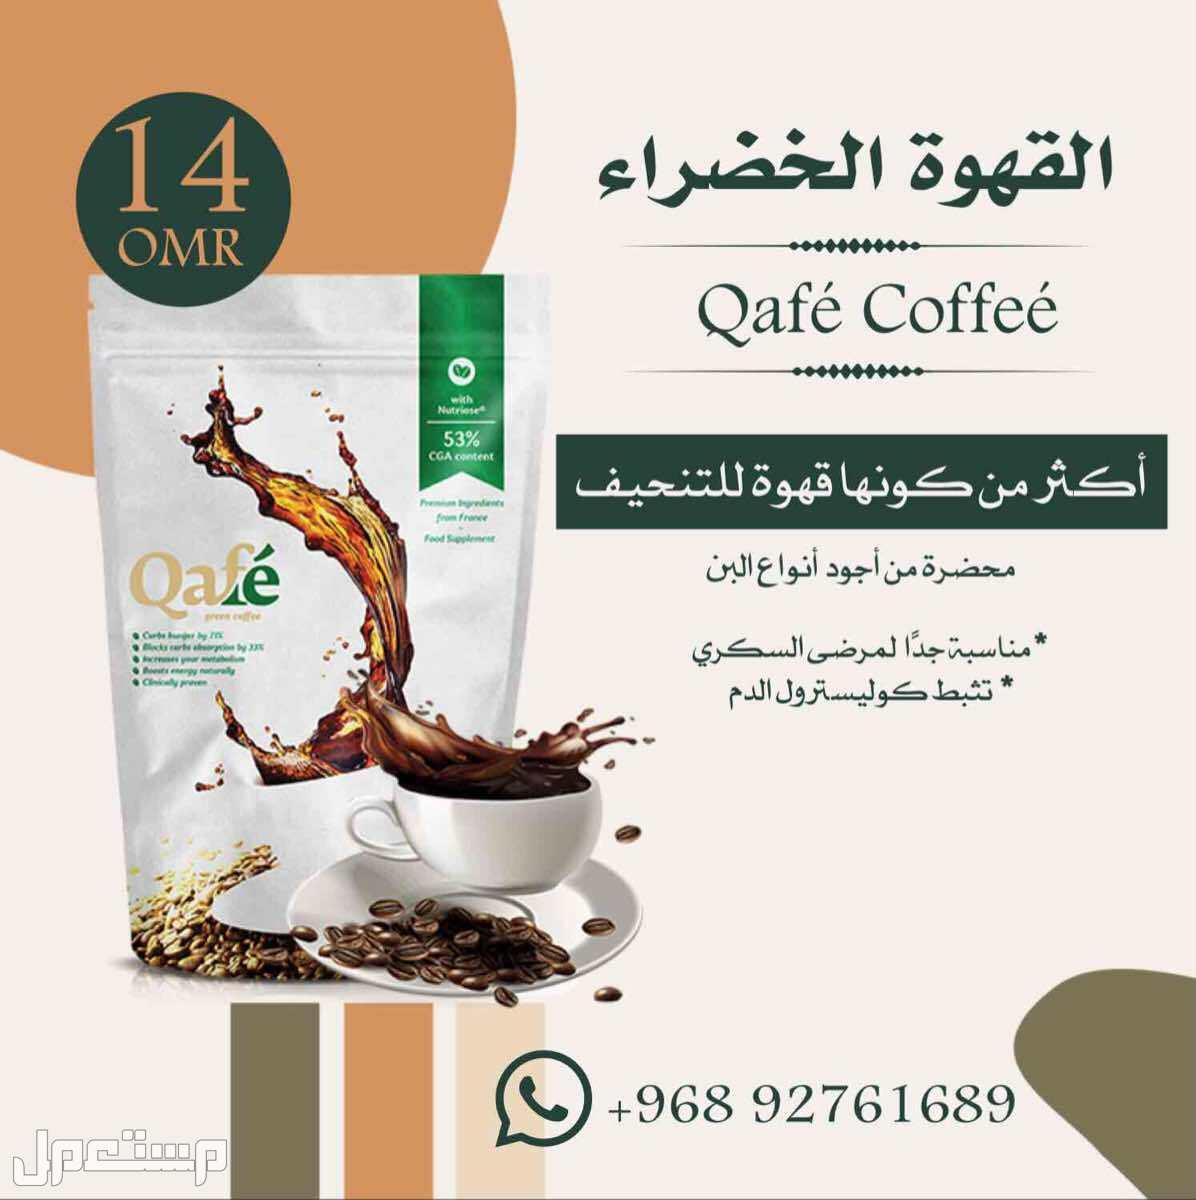 قهوة qafé الخضراء